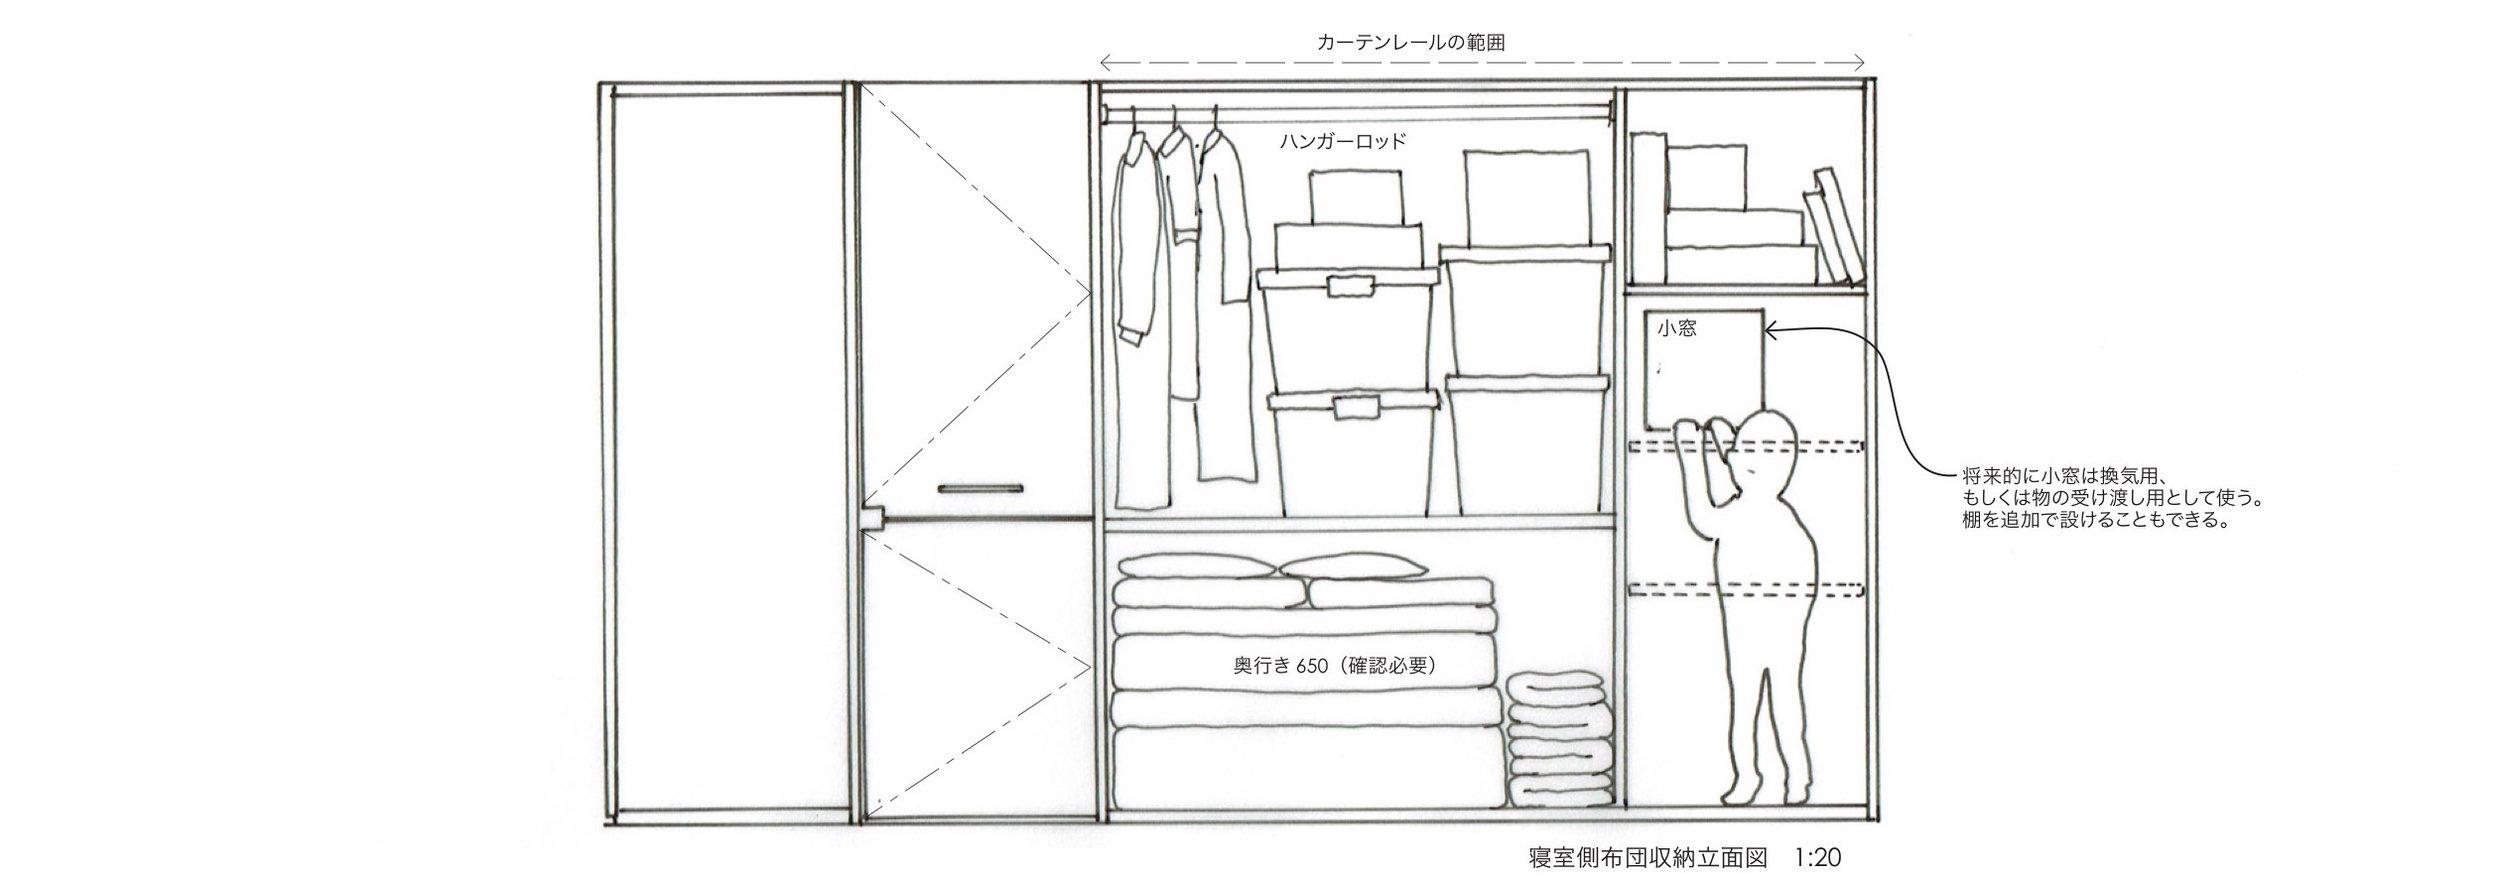 170901_家具に遊び心2.jpeg